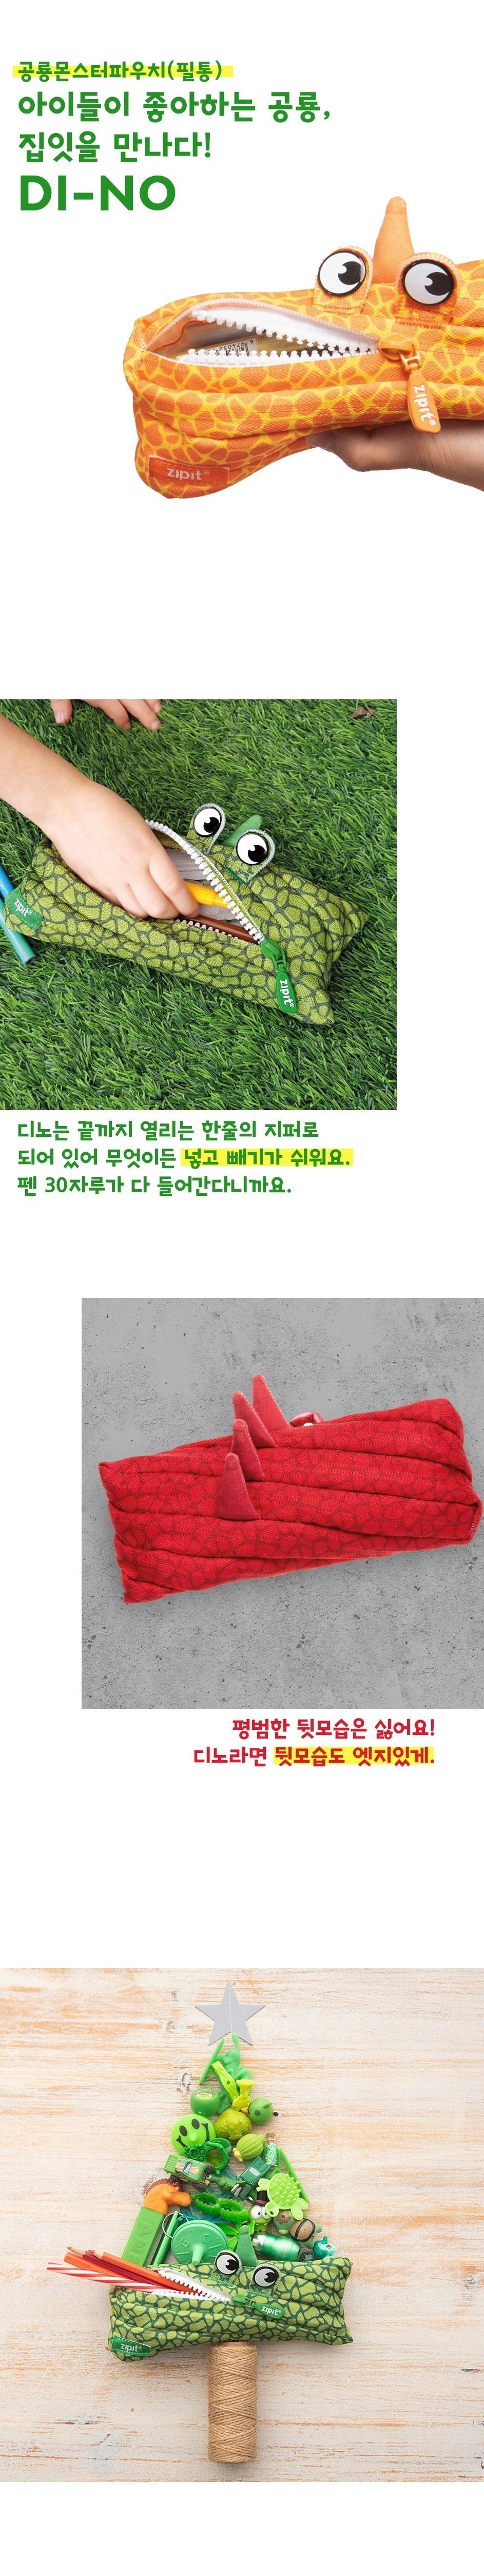 카카룰루_제품상세_배경-2.jpg